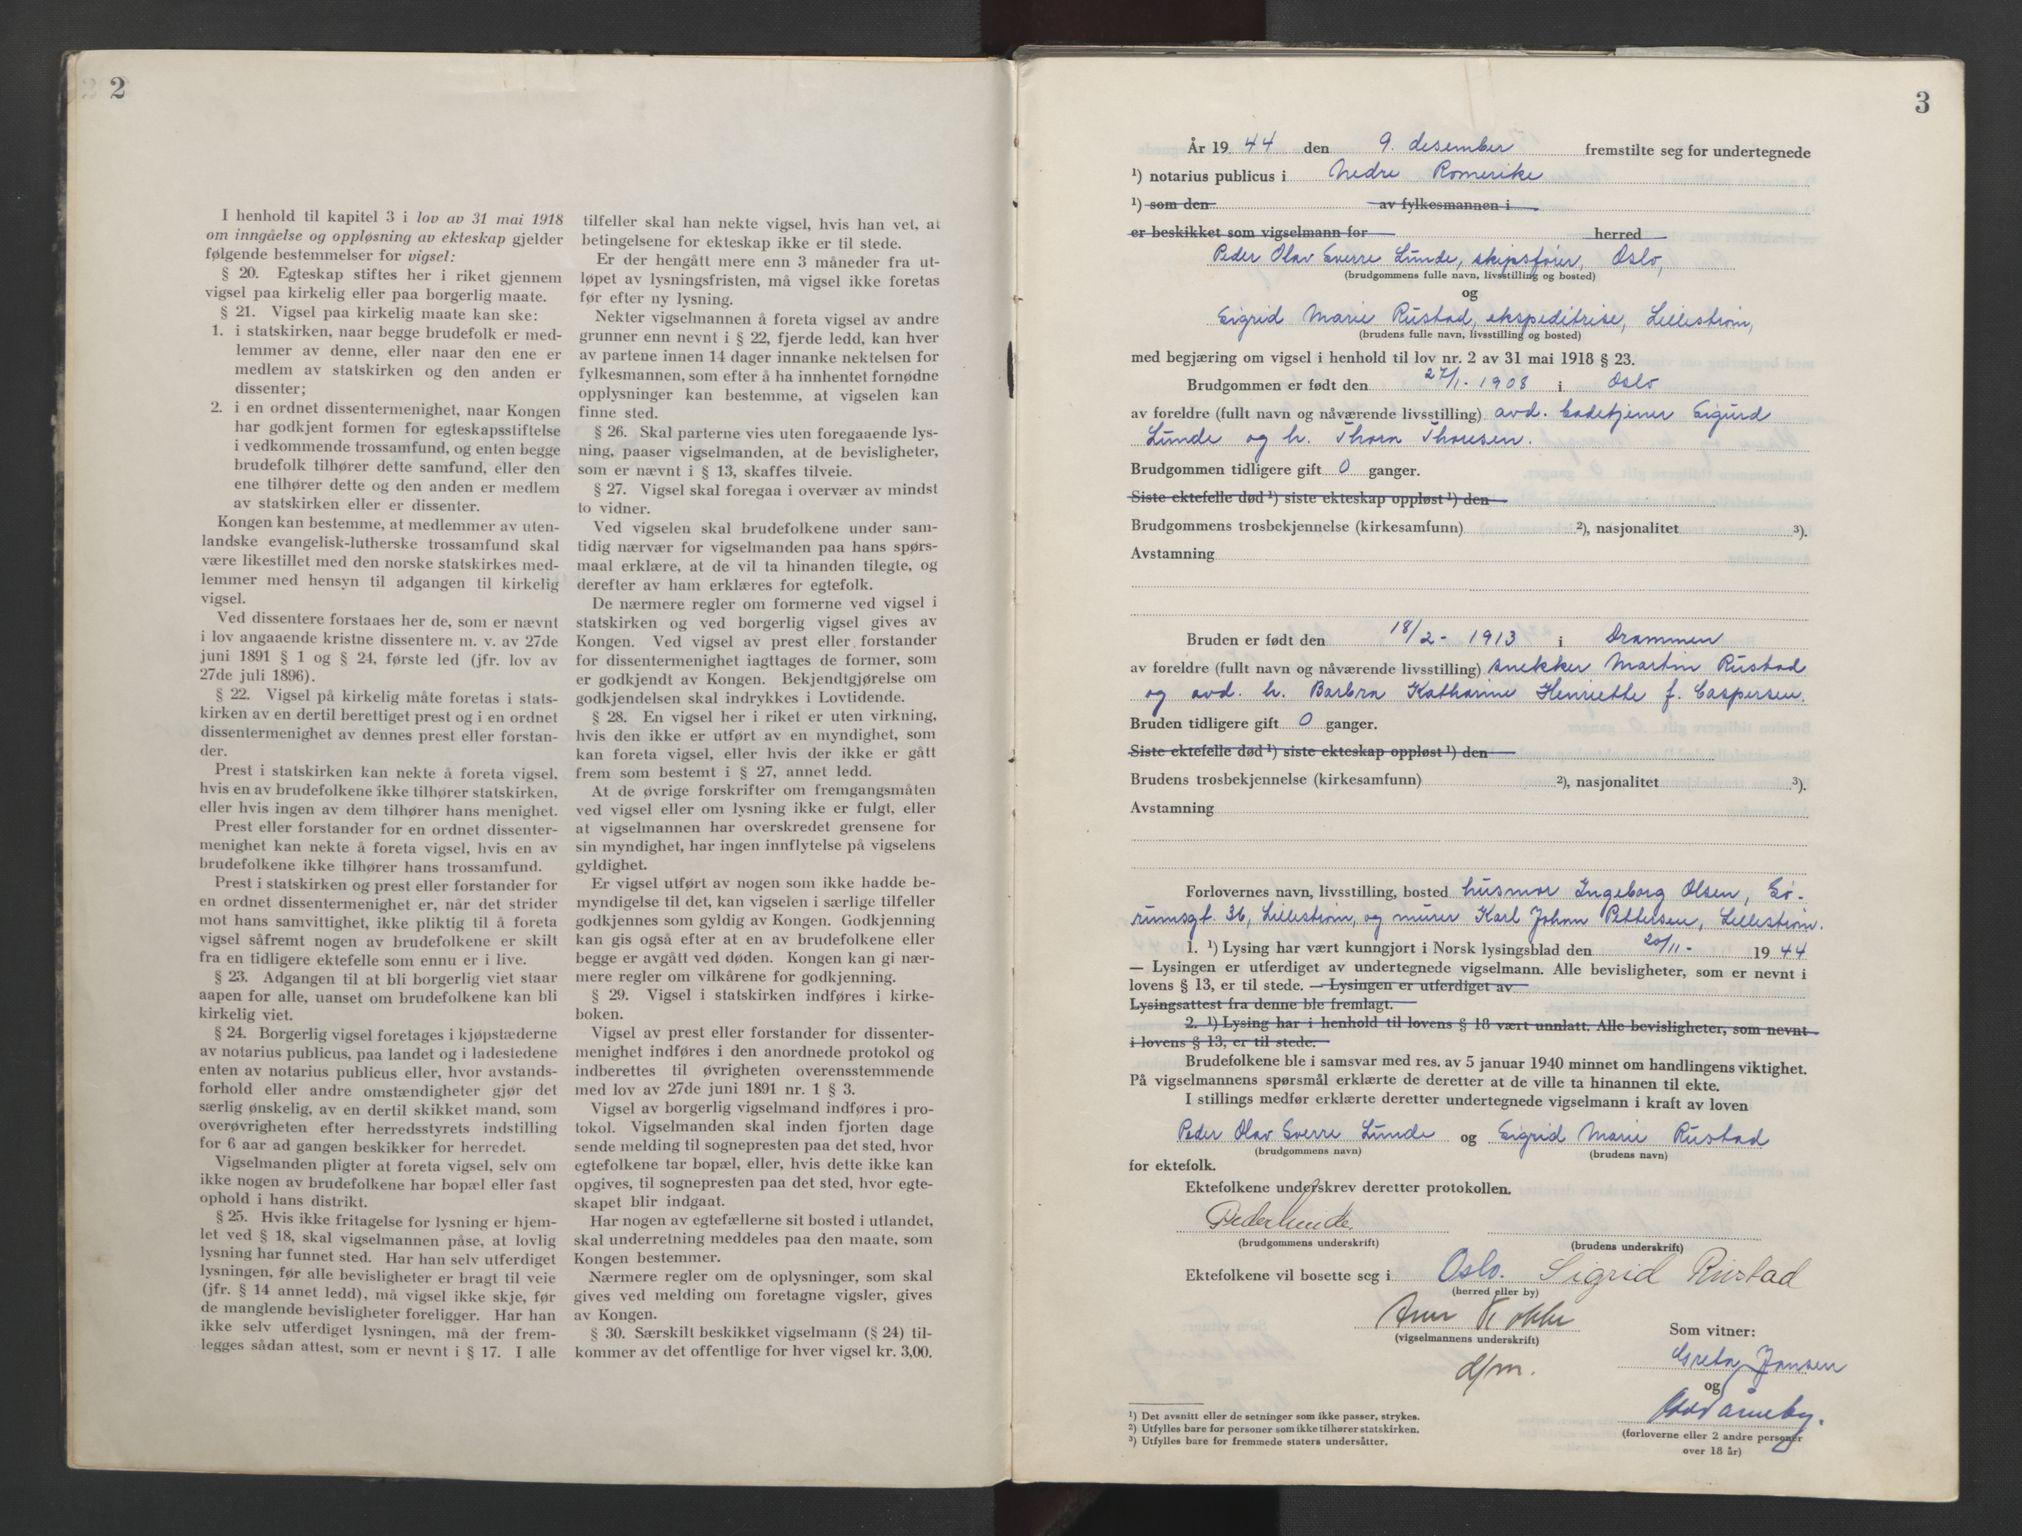 SAO, Nedre Romerike sorenskriveri, L/Lb/L0006: Vigselsbok - borgerlige vielser, 1944-1946, s. 2-3